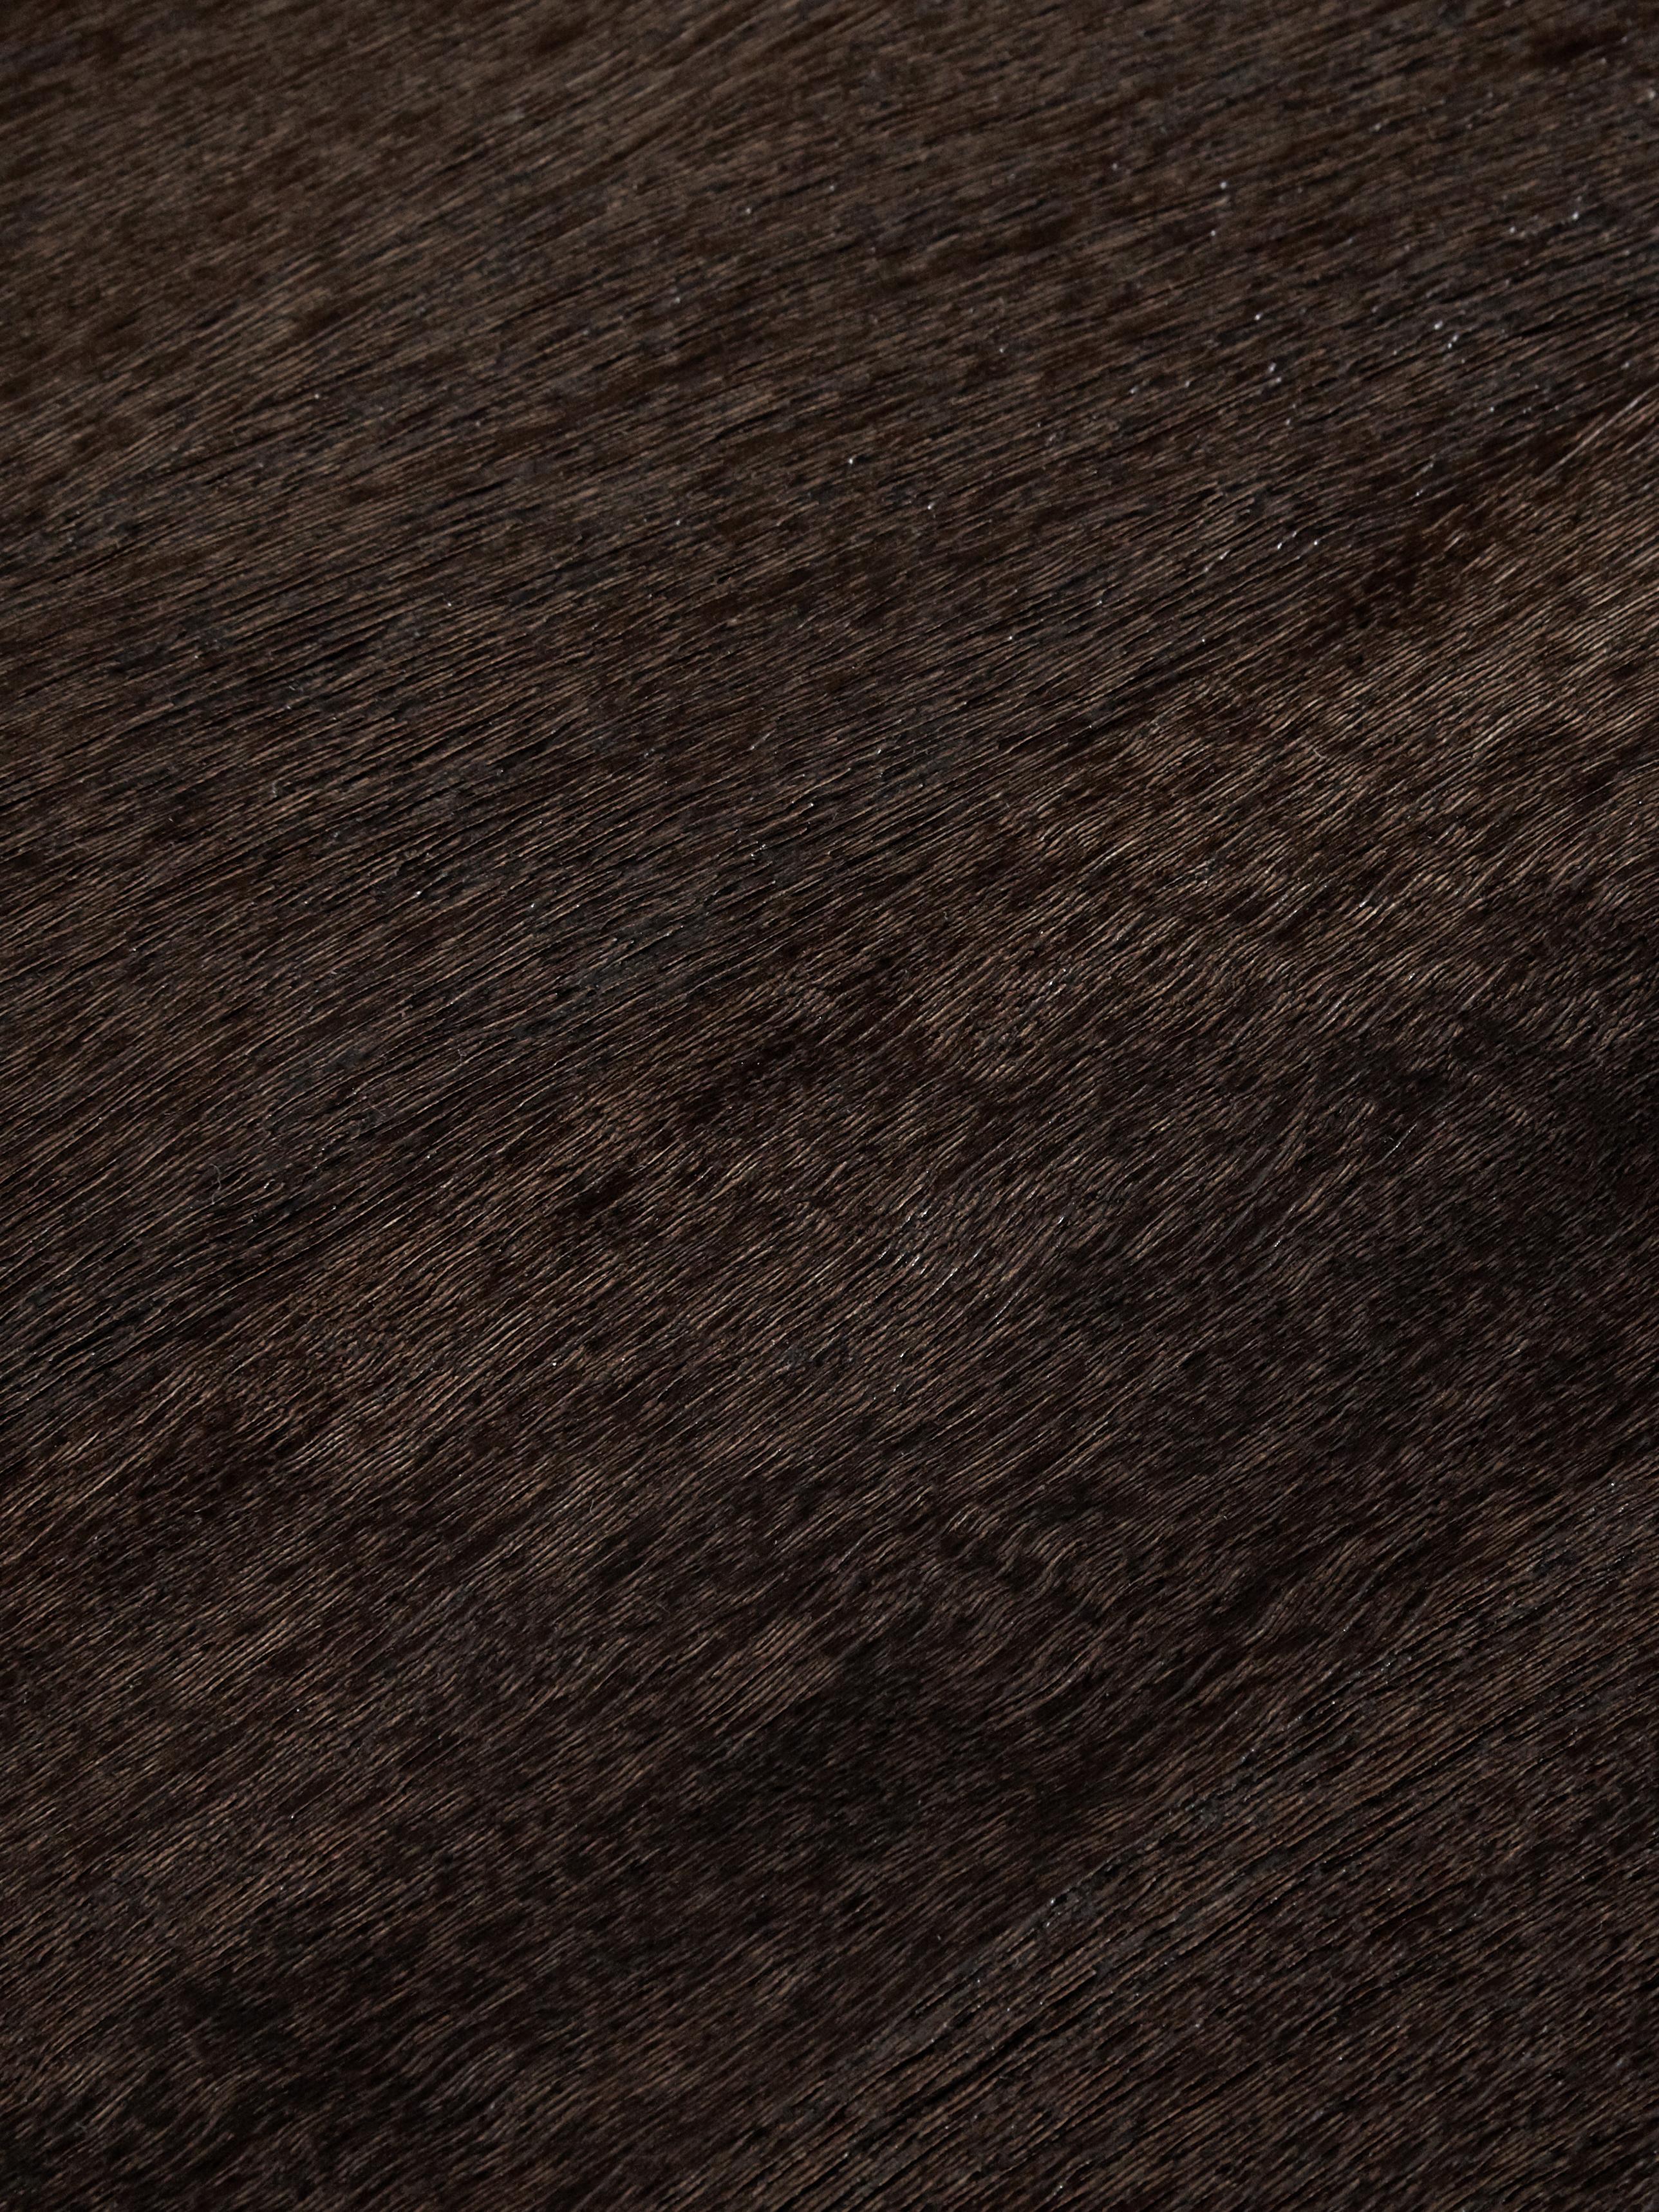 Komoda z litego drewna Clive, Korpus: lite drewno mangowe, laki, Stelaż: metal malowany proszkowo, Drewno mangowe, odcienie złotego, S 150 x W 85 cm